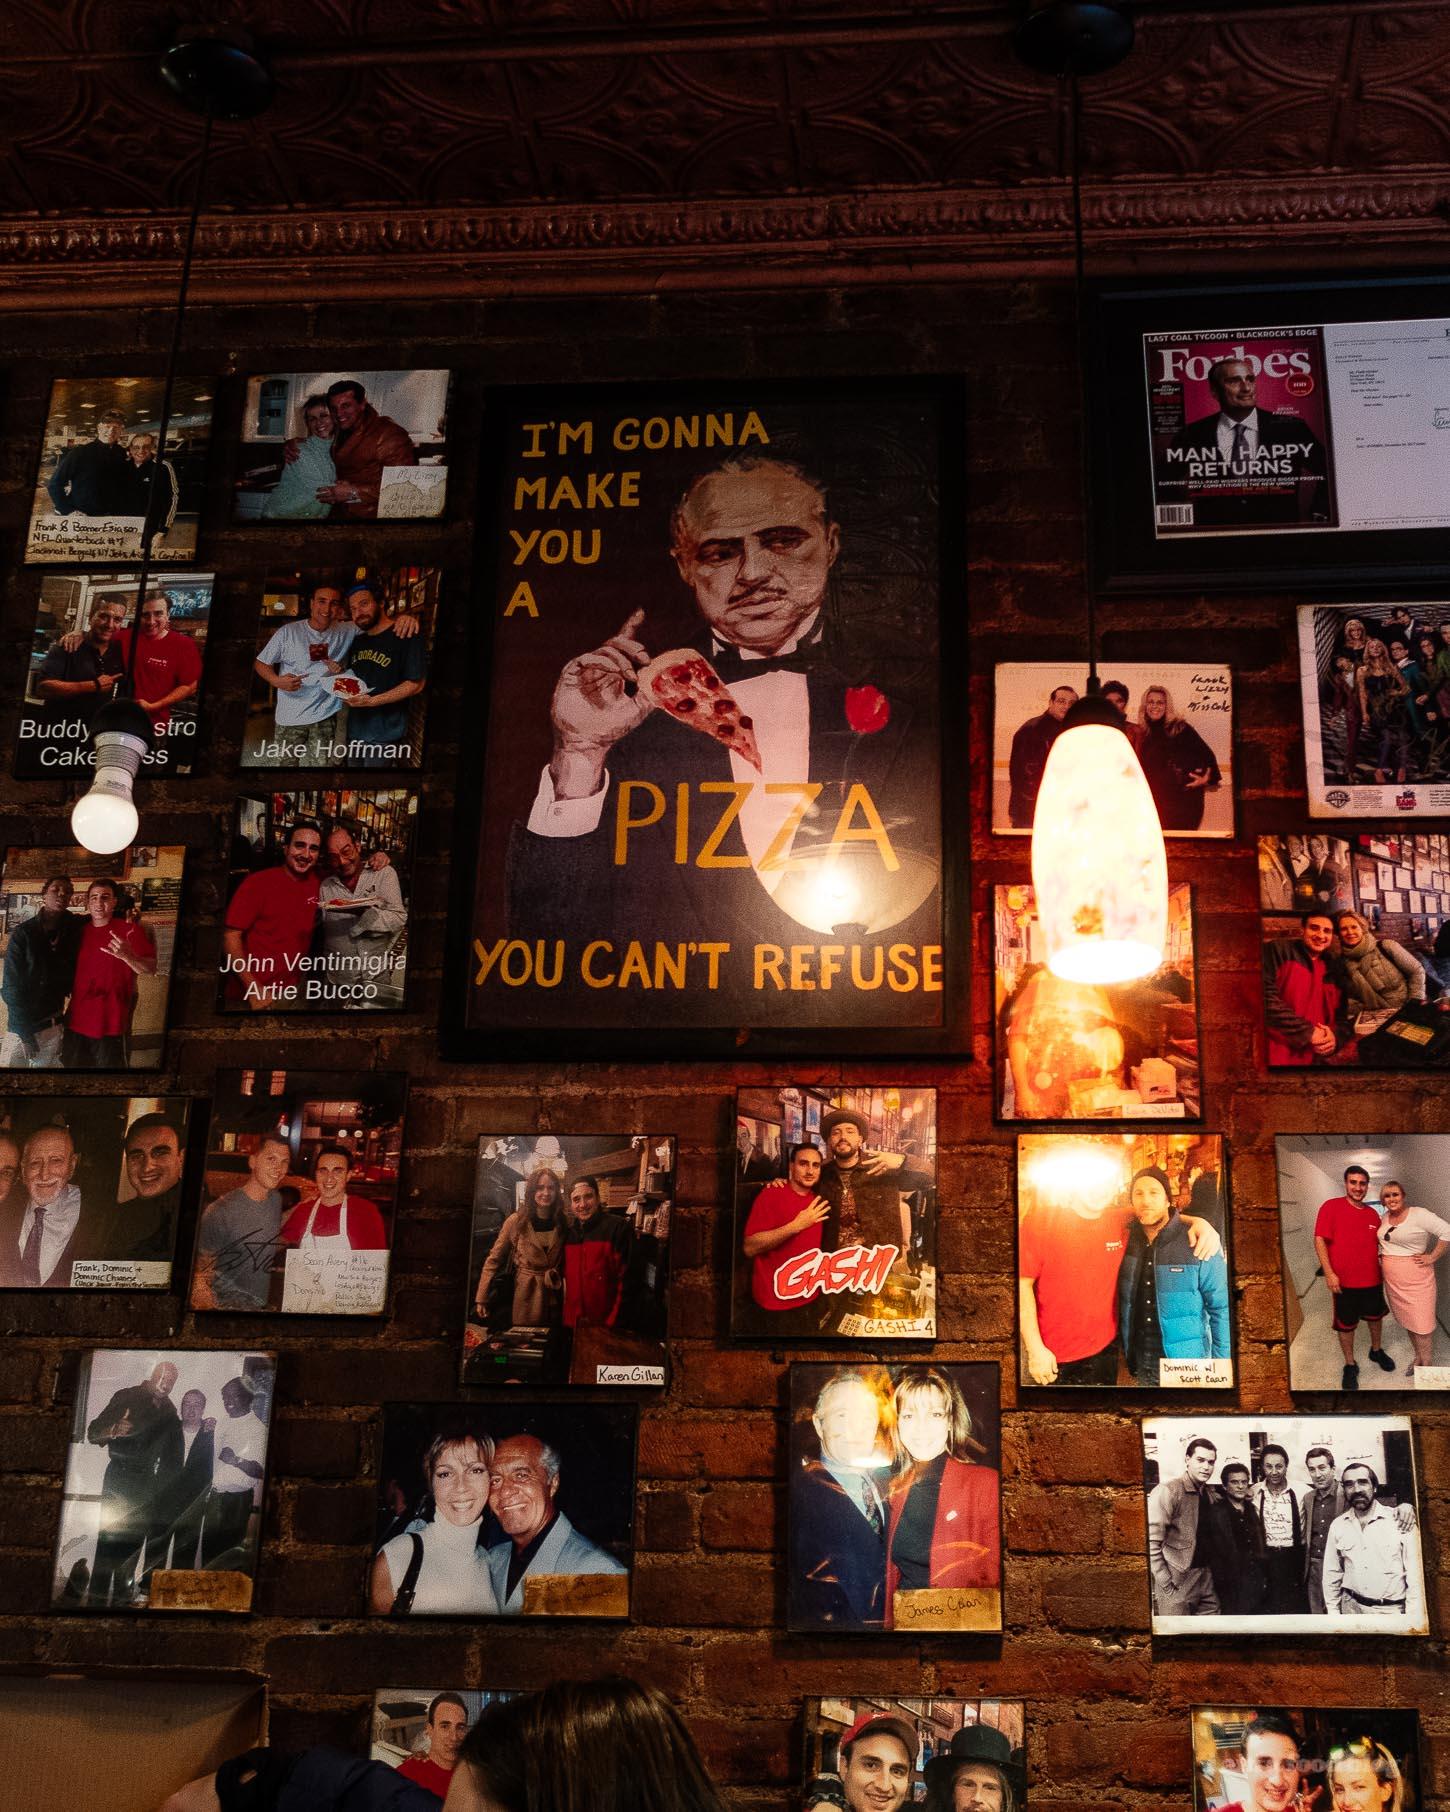 Prince St Pizza NYC   www.iamafoodblog.com